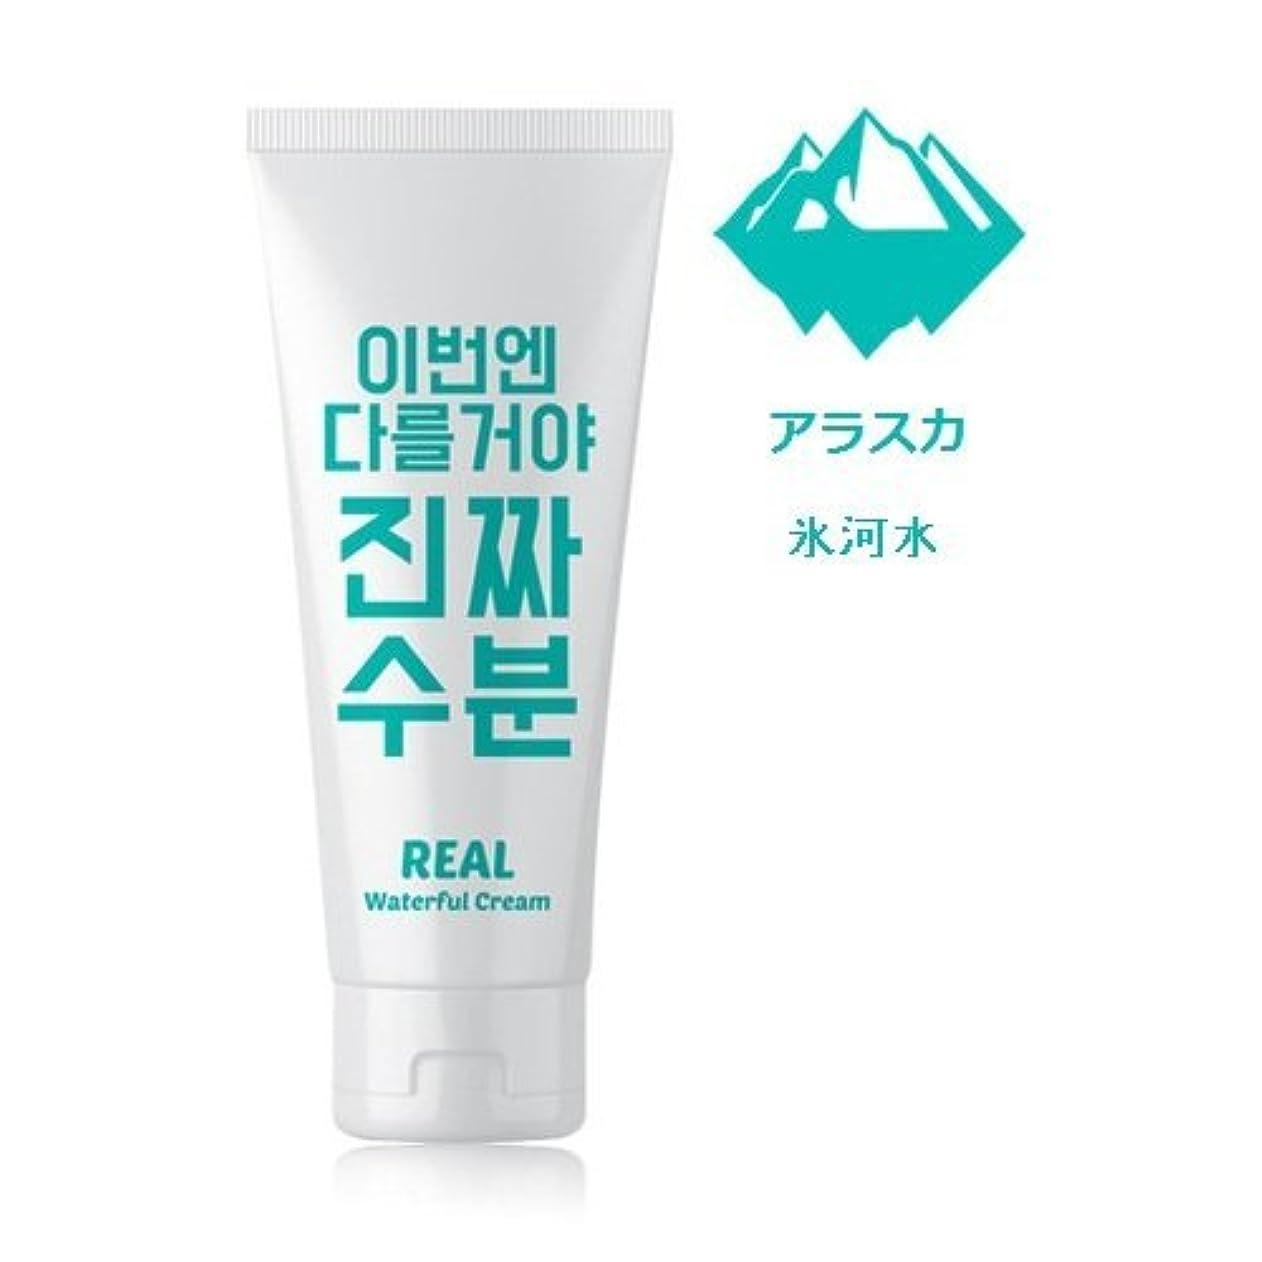 ペパーミント告白するクランシー[1+1]Jaminkyung [FREE MARK] Real Waterful Cream 200g*2EA ジャミンギョン[フリーマーク]今度は違うぞ!! 本当の水分クリーム [並行輸入品]